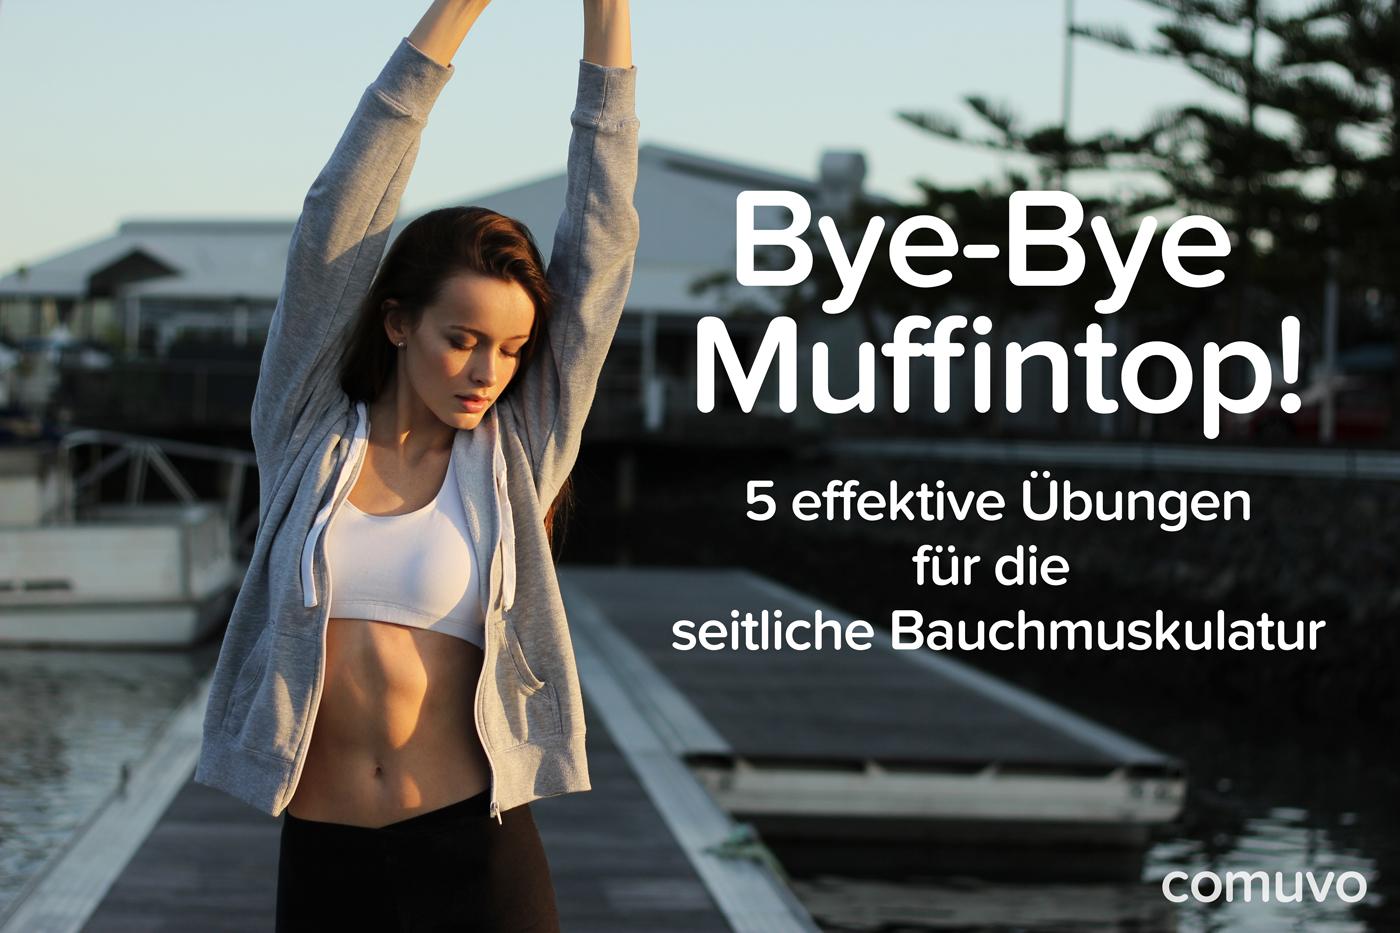 Bye-bye Muffintop! 5 effektive Übungen für die seitliche Bauchmuskulatur | comuvo Fitness Blog